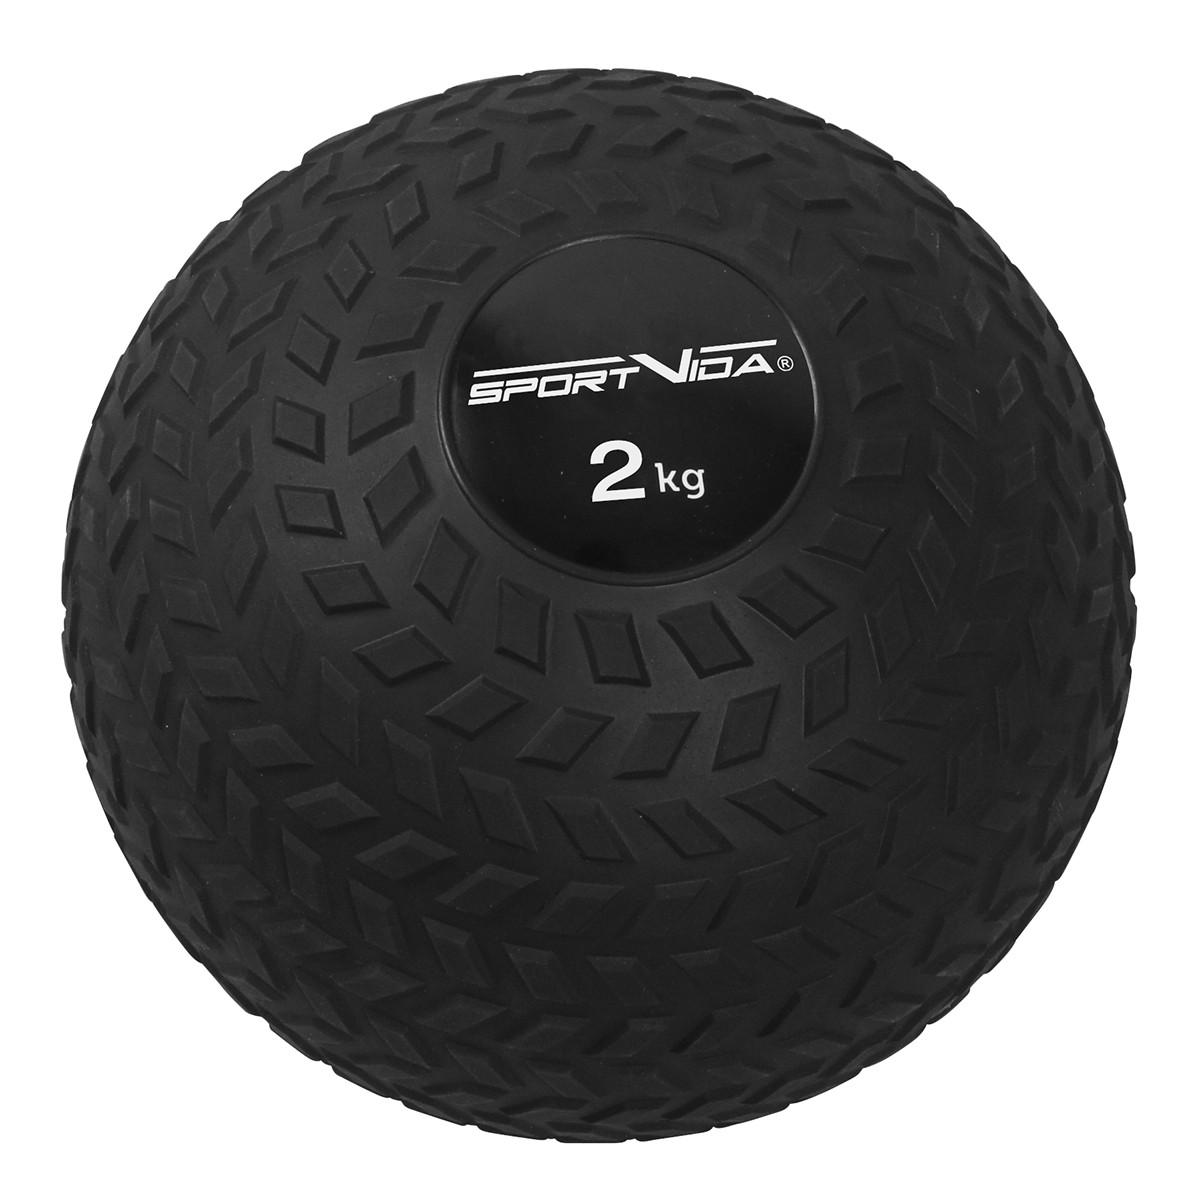 Слэмбол (медицинский мяч) для кроссфита SportVida Slam Ball 2 кг SV-HK0344. Мяч набивной, медбол